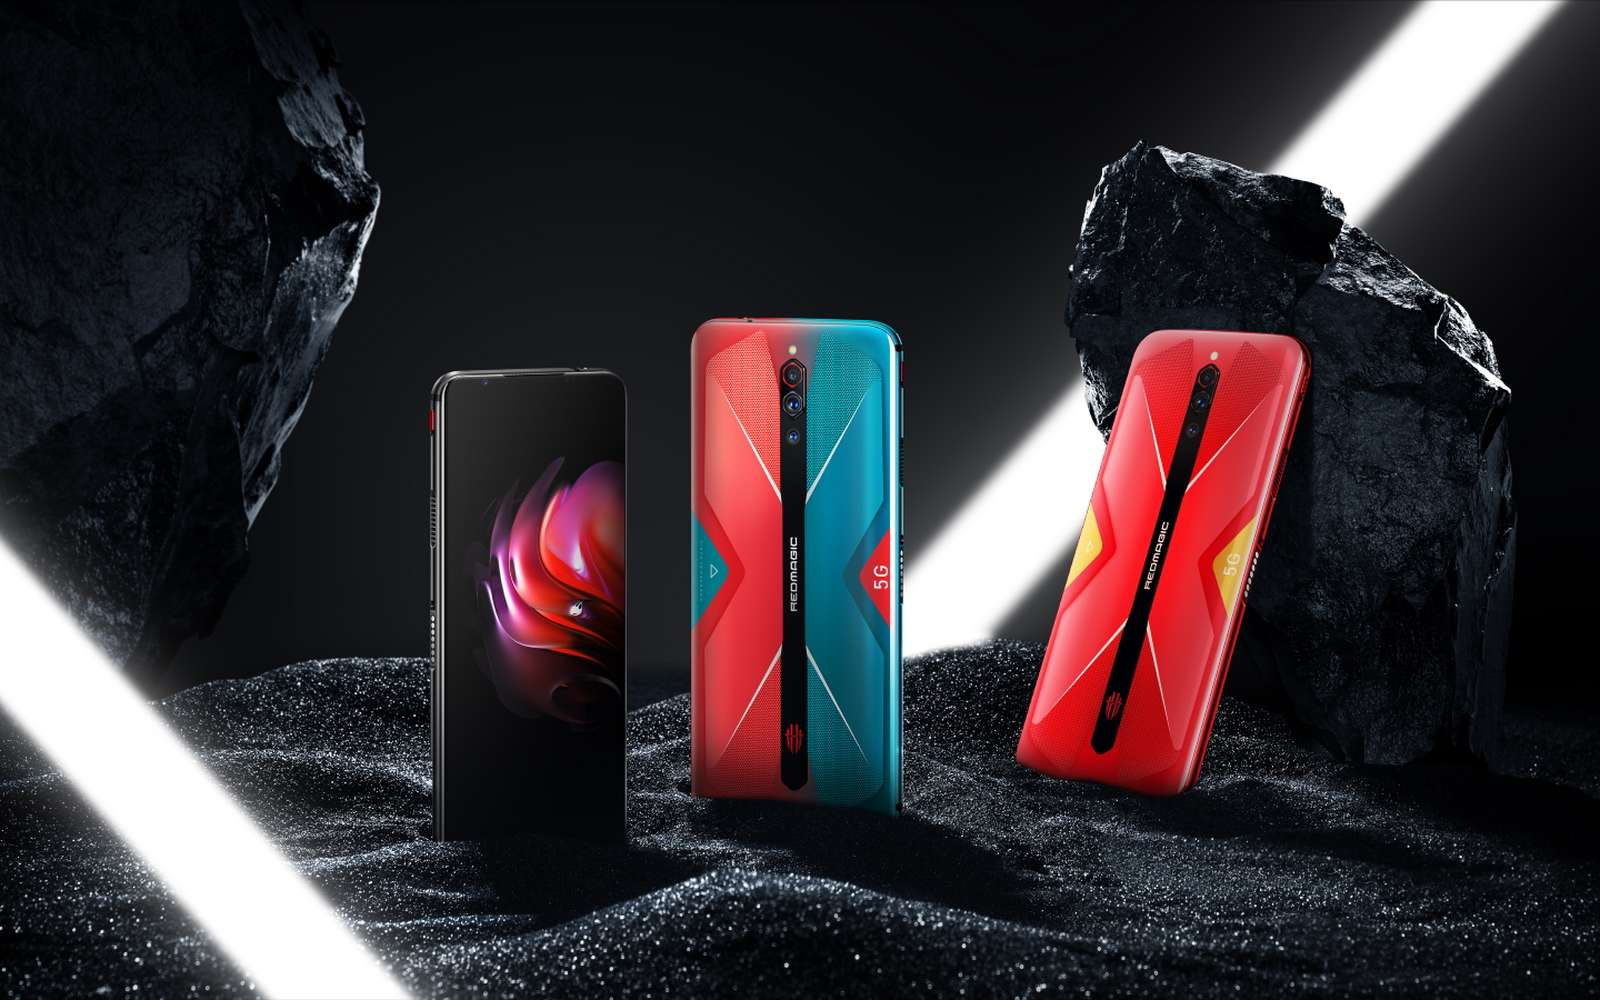 Le Nubia RedMagic 5G est armé pour se faire une place dans le marché de niche que constituent les mobiles pour gamers. © Nubia